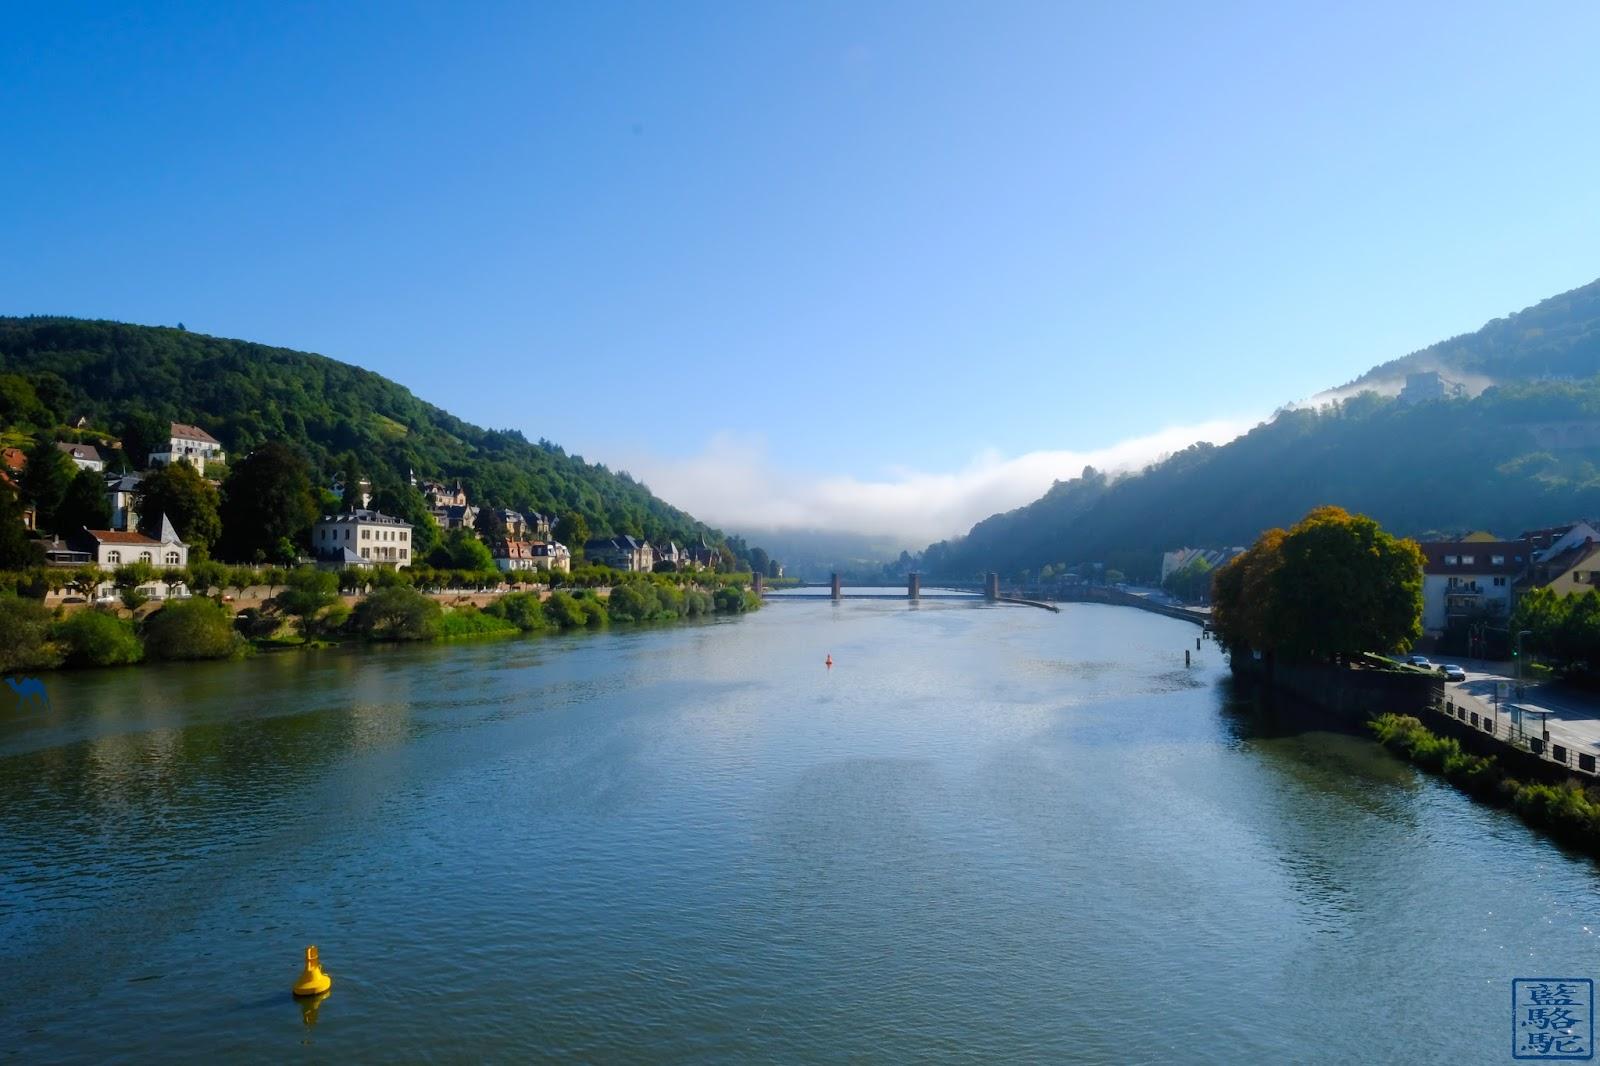 Le Chameau Bleu - Blog Voyage Heildeberg Allemagne - Le Neckar